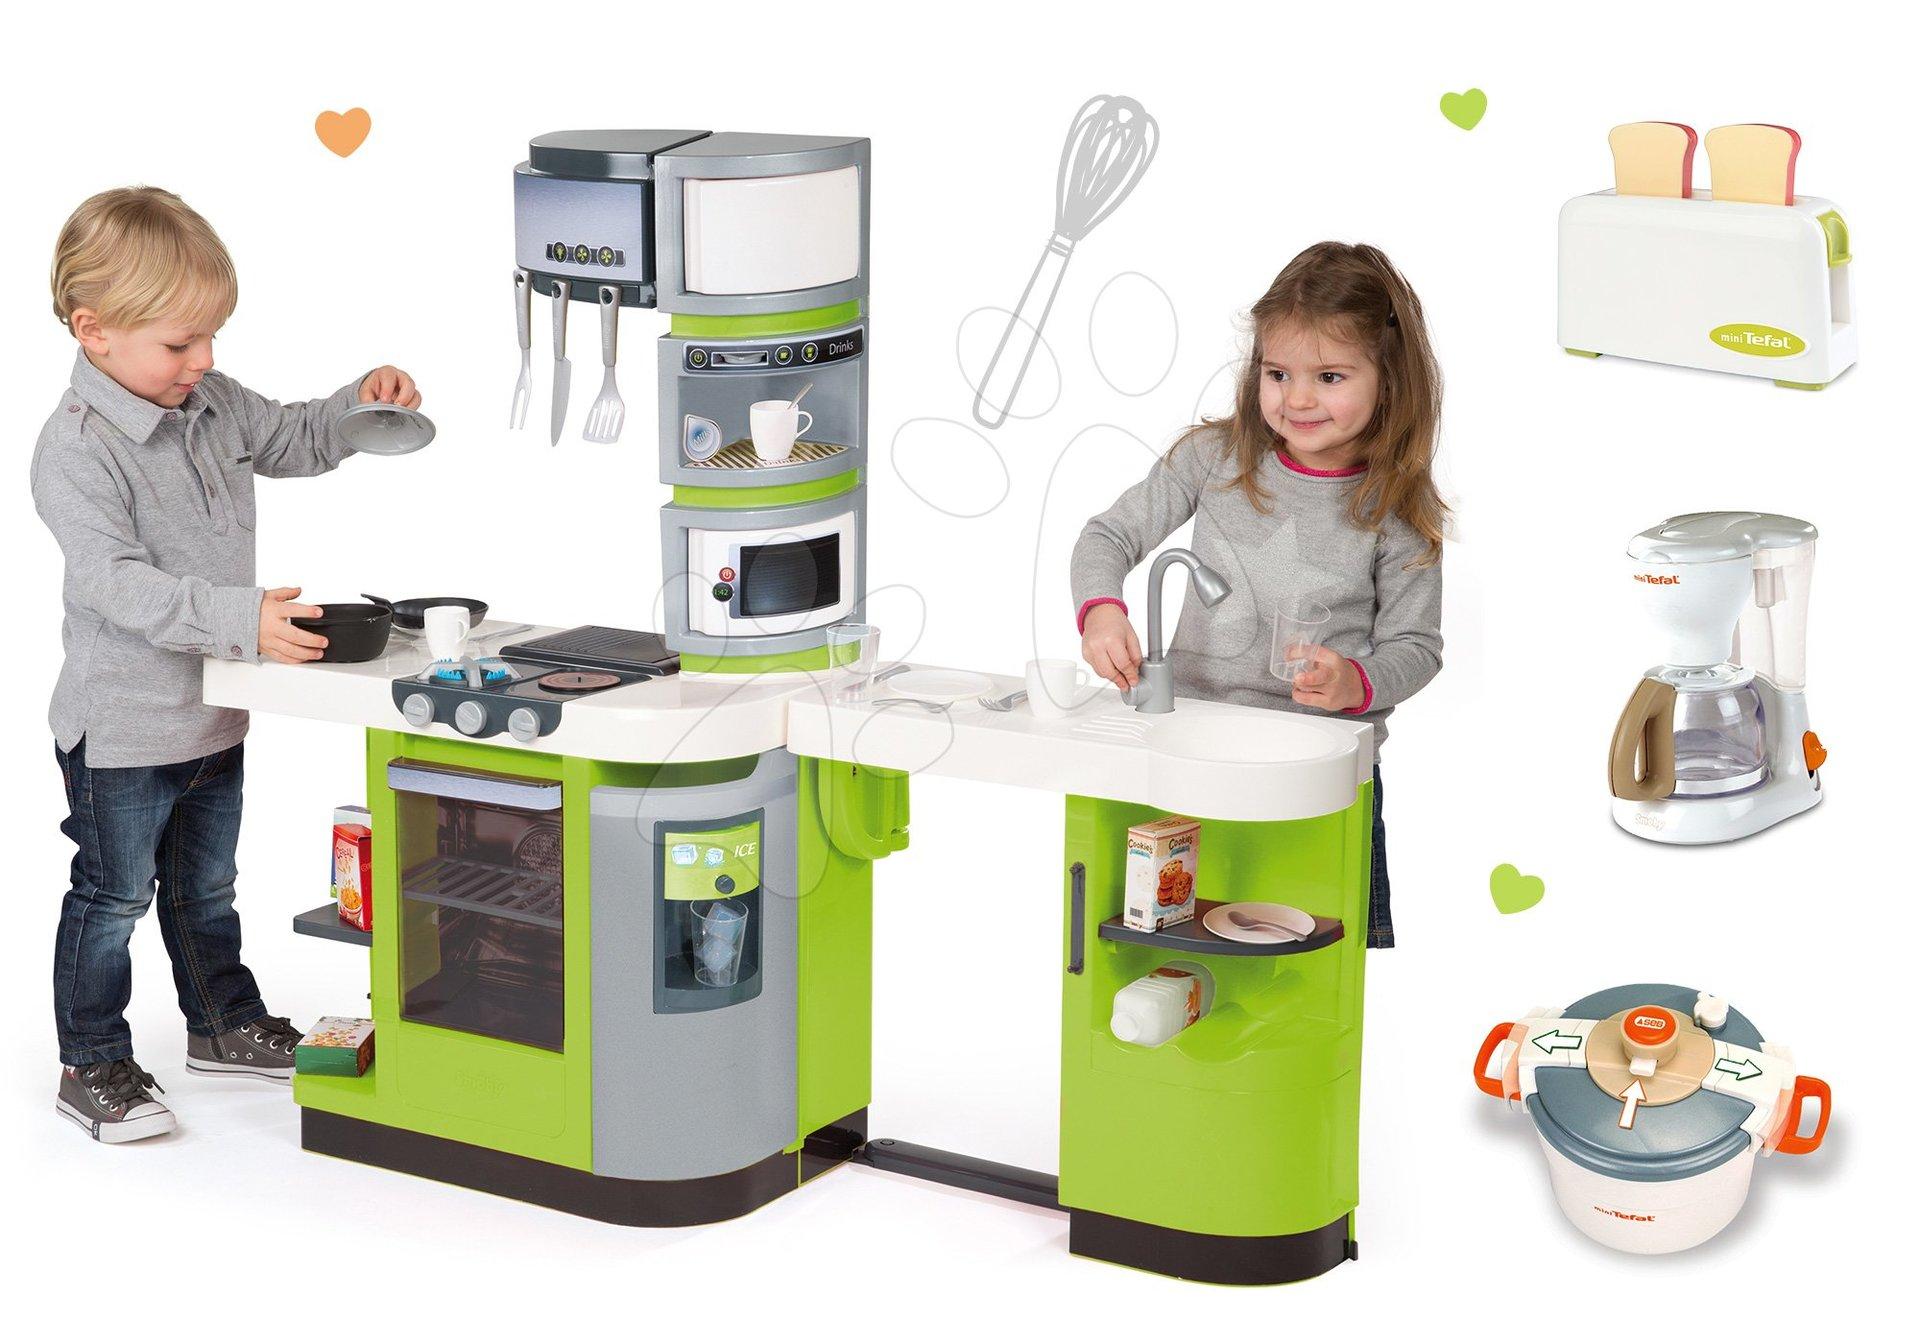 Set kuchyňka CookMaster Verte Smoby s ledem a zvuky a souprava 3 spotřebičů Tefal